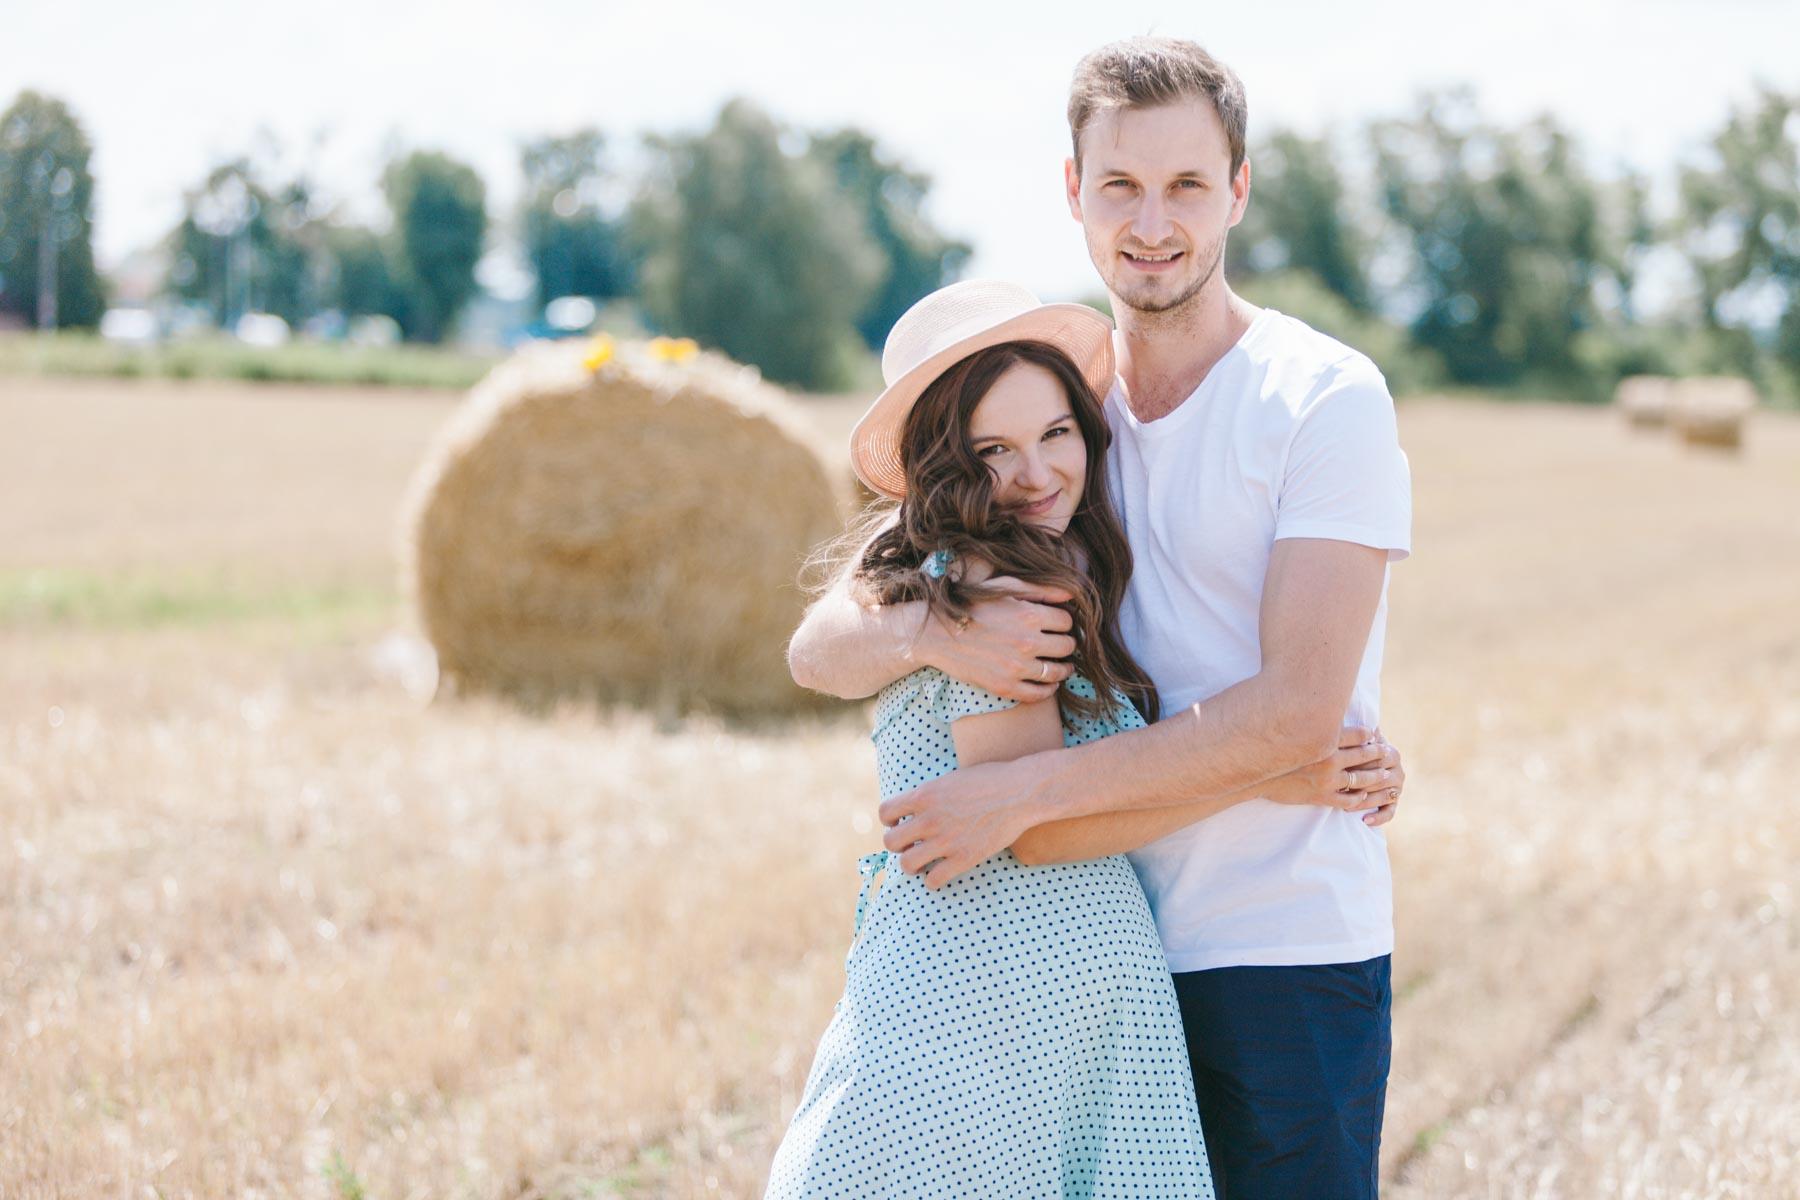 Парень обнимает свою беременную супругу